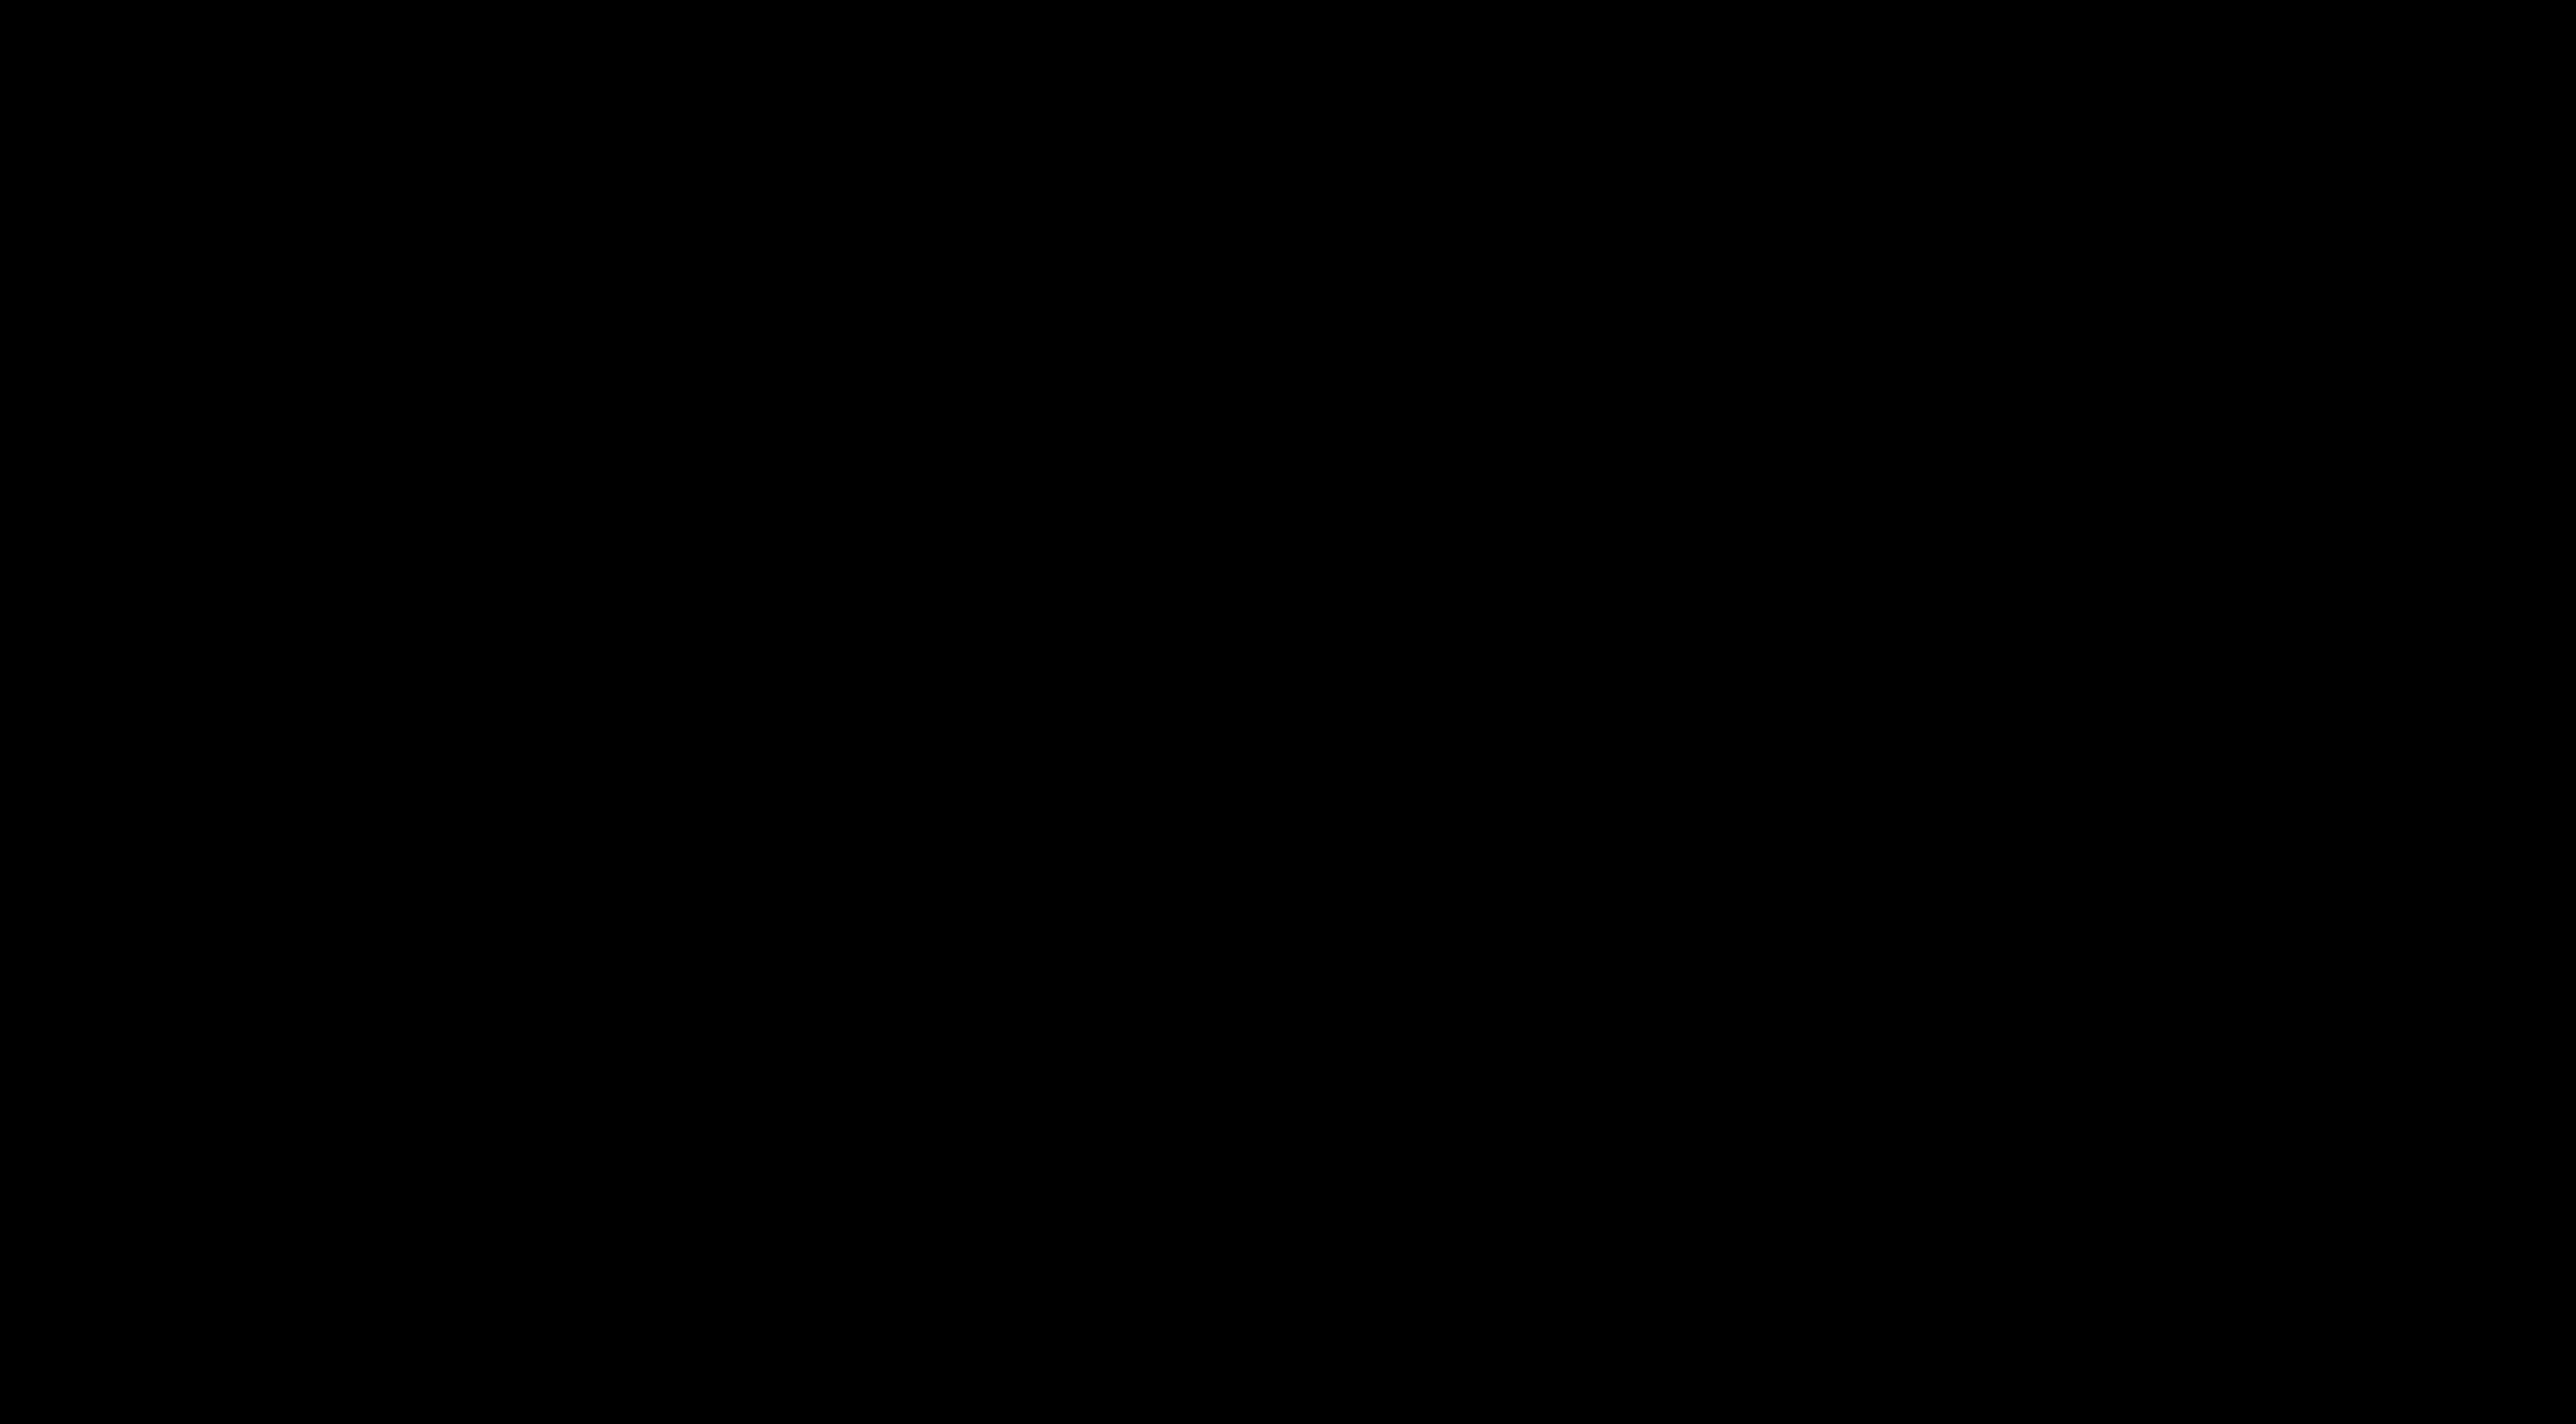 オプテックス、アナログ4-20mA出力対応のIoT無線ユニット「アナログコンバーター」をIoT/M2M展(春)に参考出展